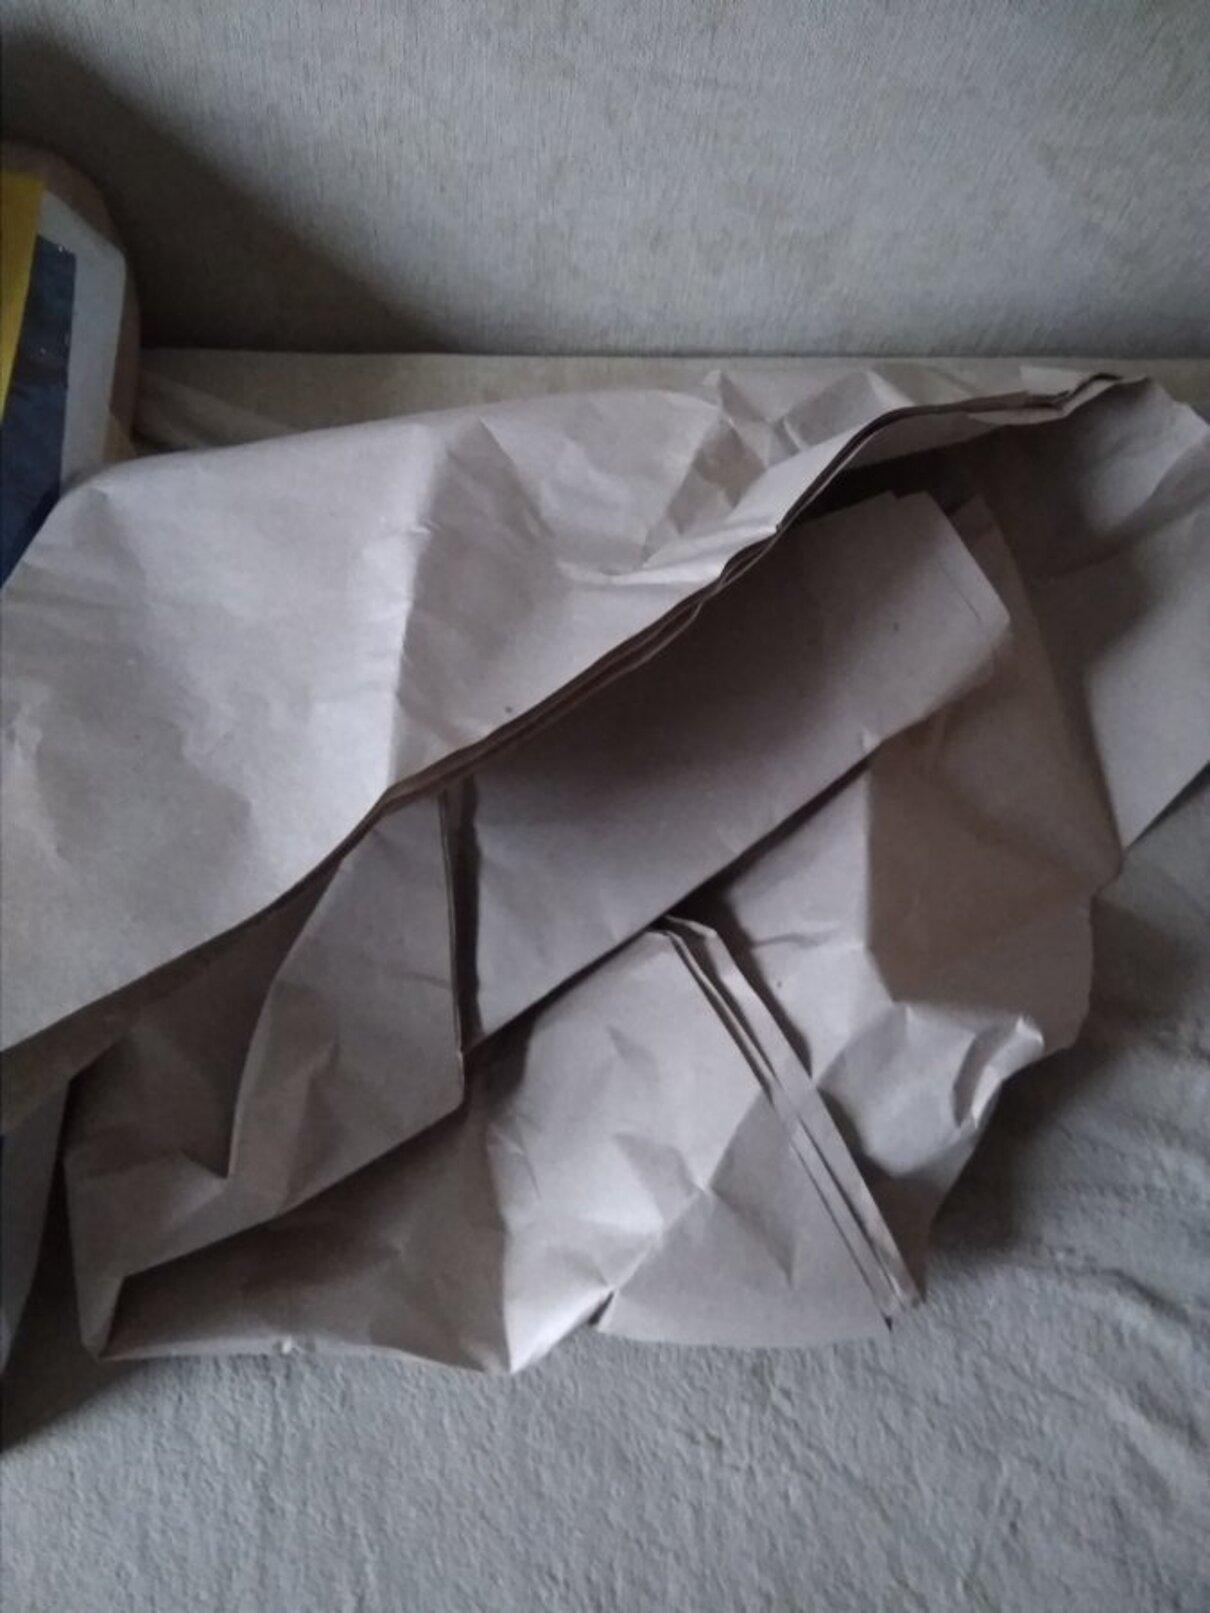 """Жалоба-отзыв: LLC Parcels Pro (для ООО """"БЕЙТРЕЙД"""") - Претензия по возврату денежных средств за товар ненадлежащего качества.  Фото №2"""